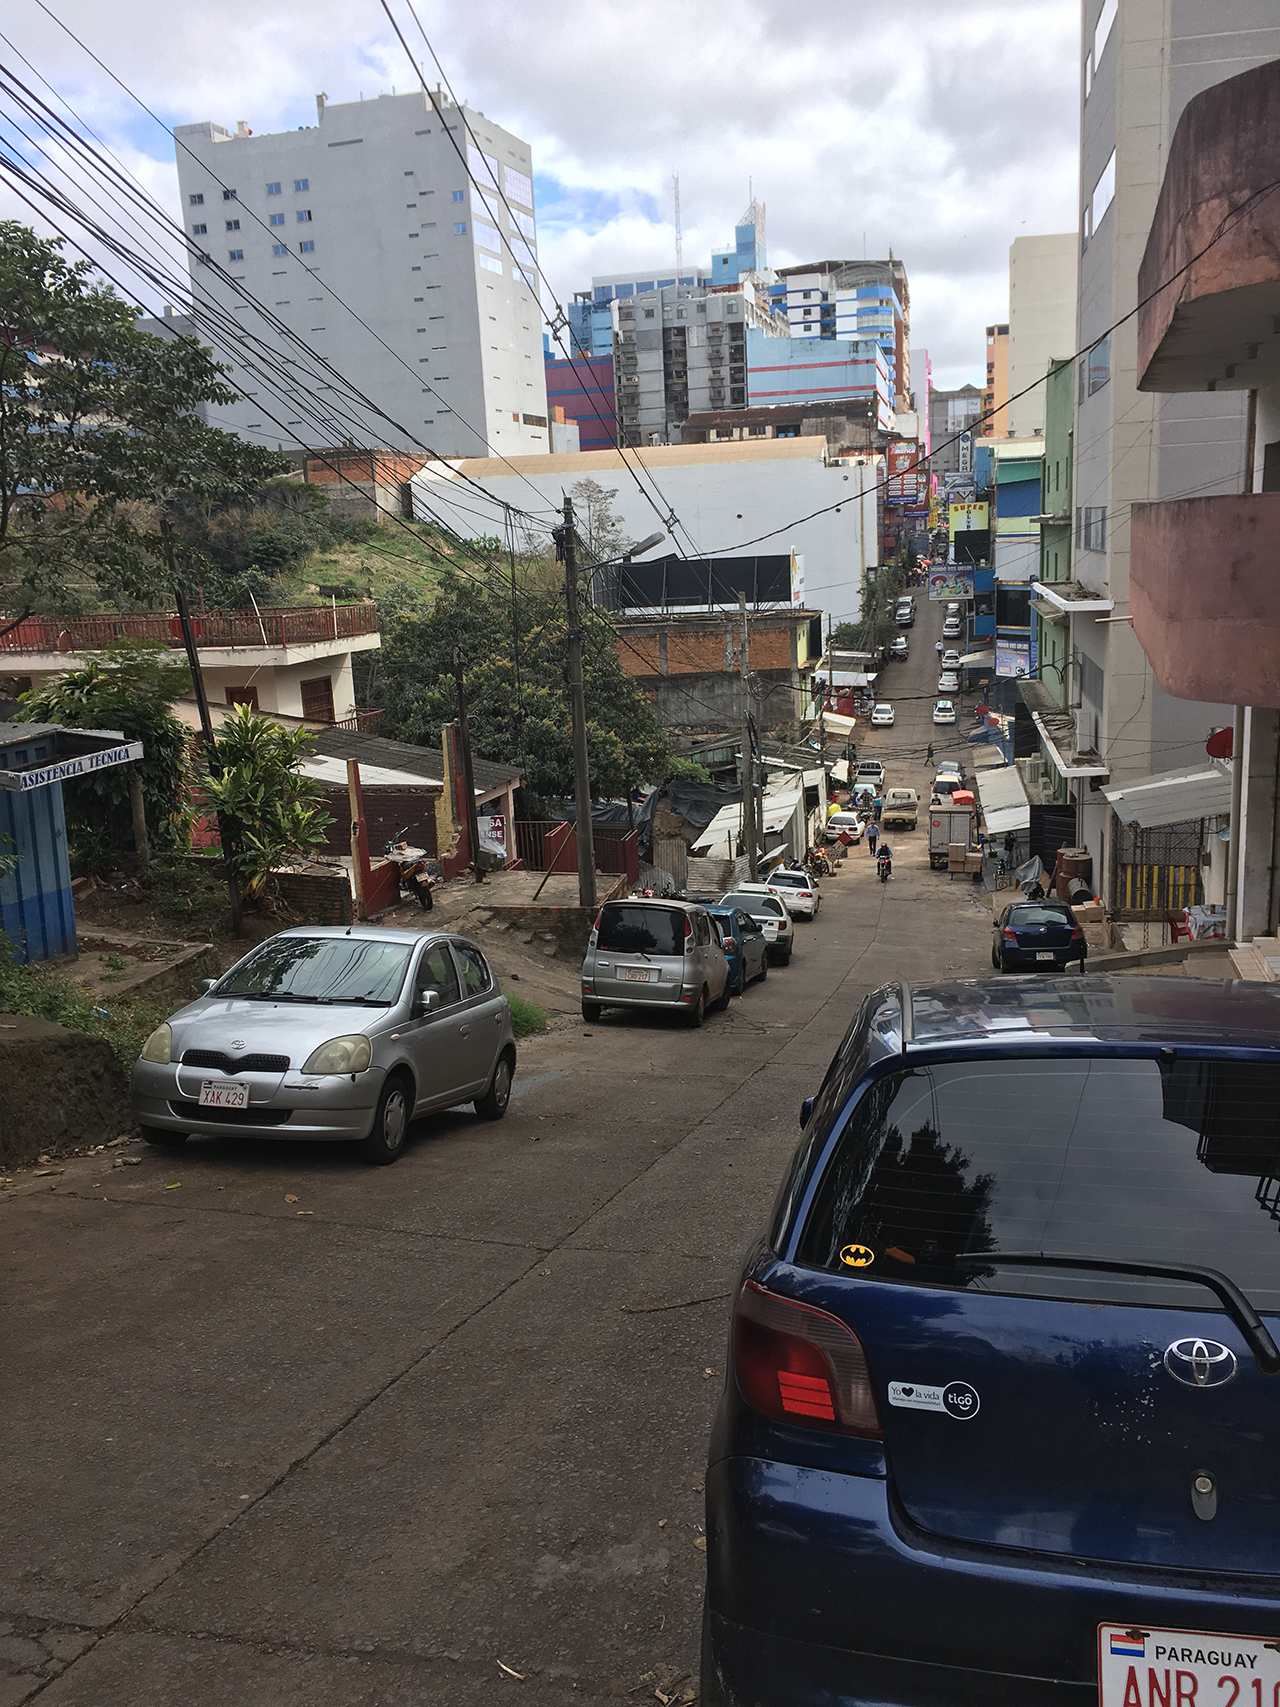 calle ciudad este paraguay pablocaminante - Paraguay, Ciudad del Este